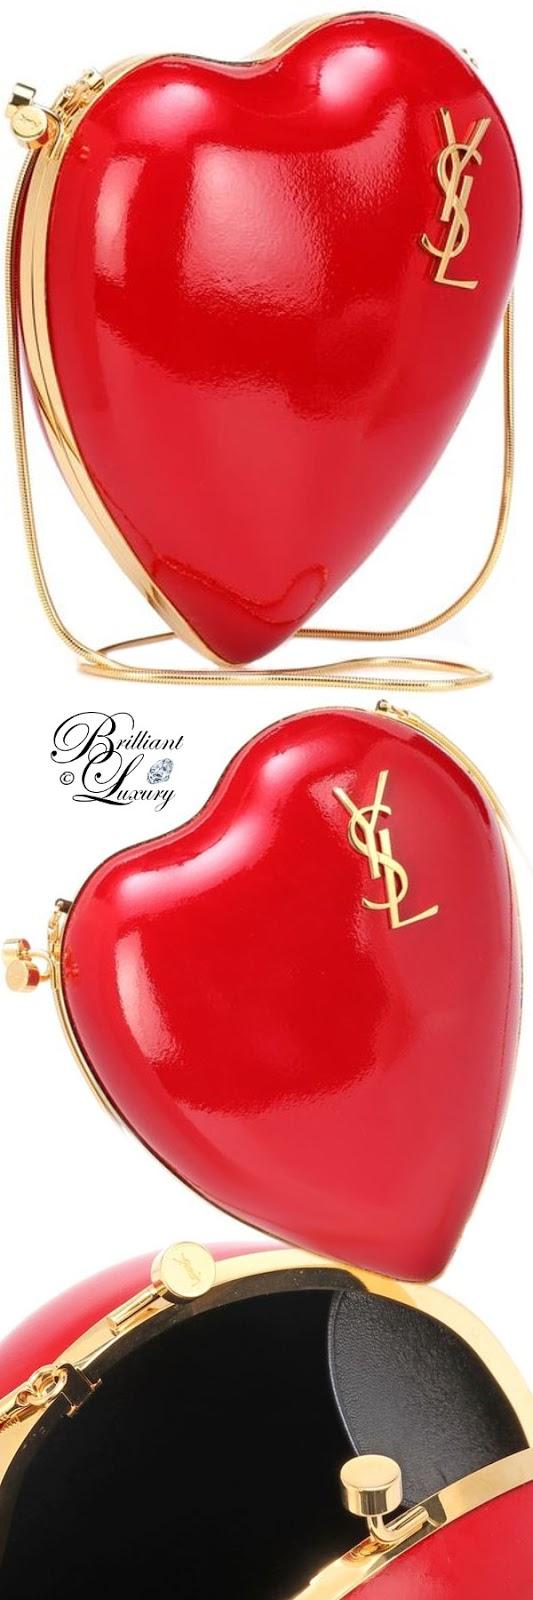 Brilliant Luxury ♦ PANTONE Fashion Color SS 2019 ~ Fiesta ♦ Saint Laurent Love Box leather shoulder bag #red